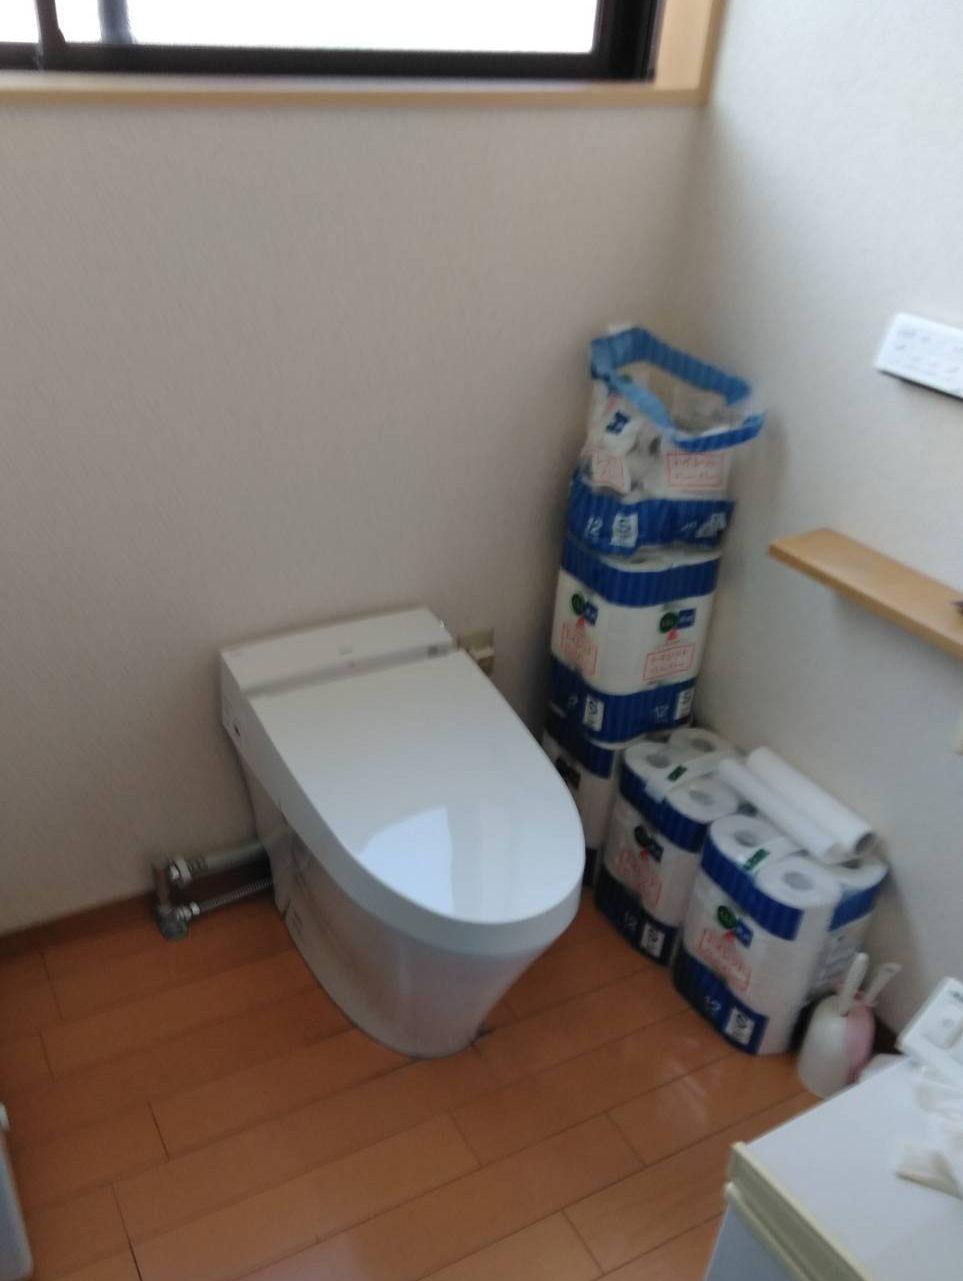 LIXIL サティスS トイレ交換 施工事例/能登町